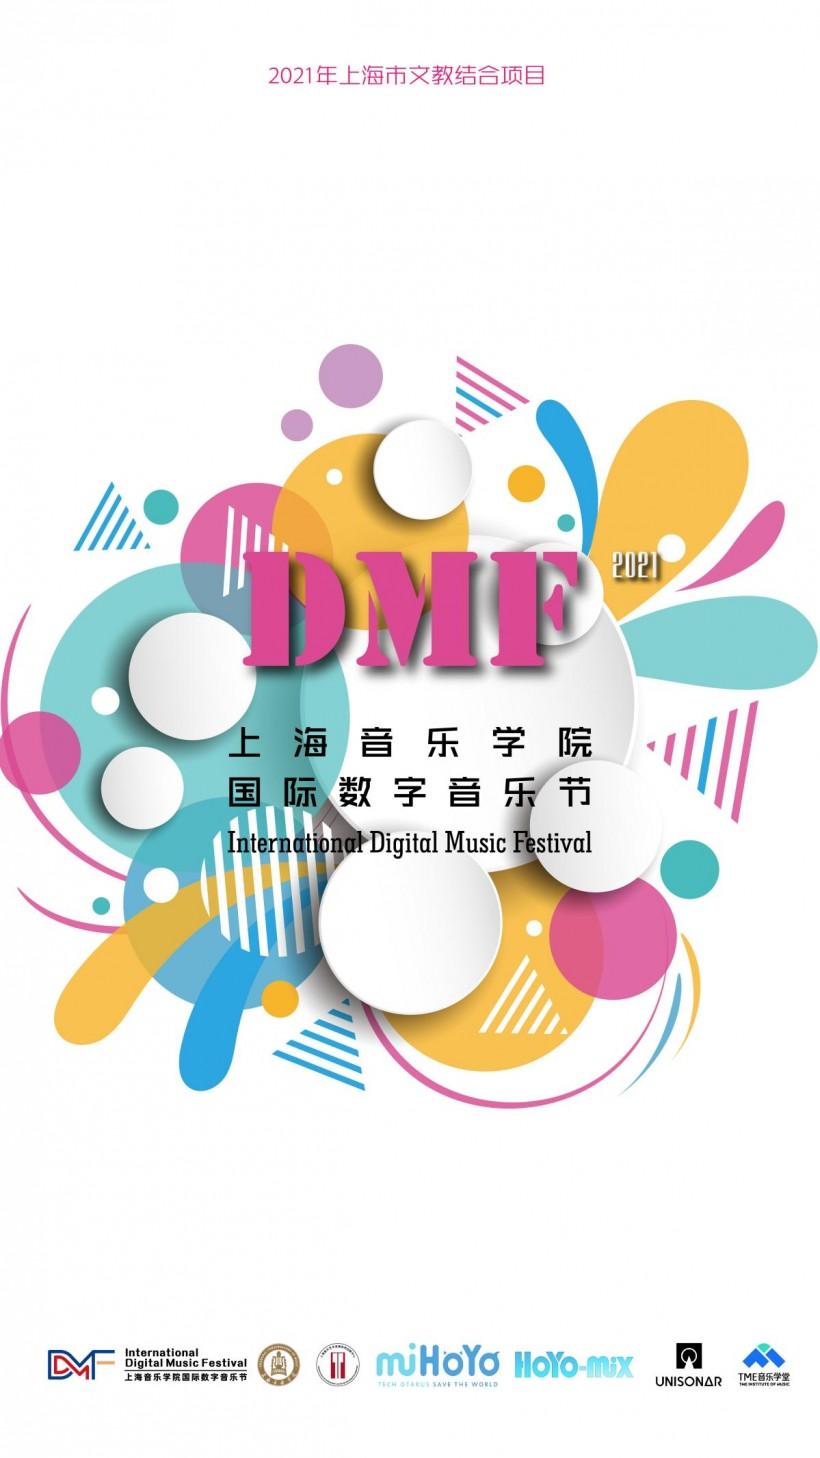 2021 上海音乐学院国际数字音乐节报名中